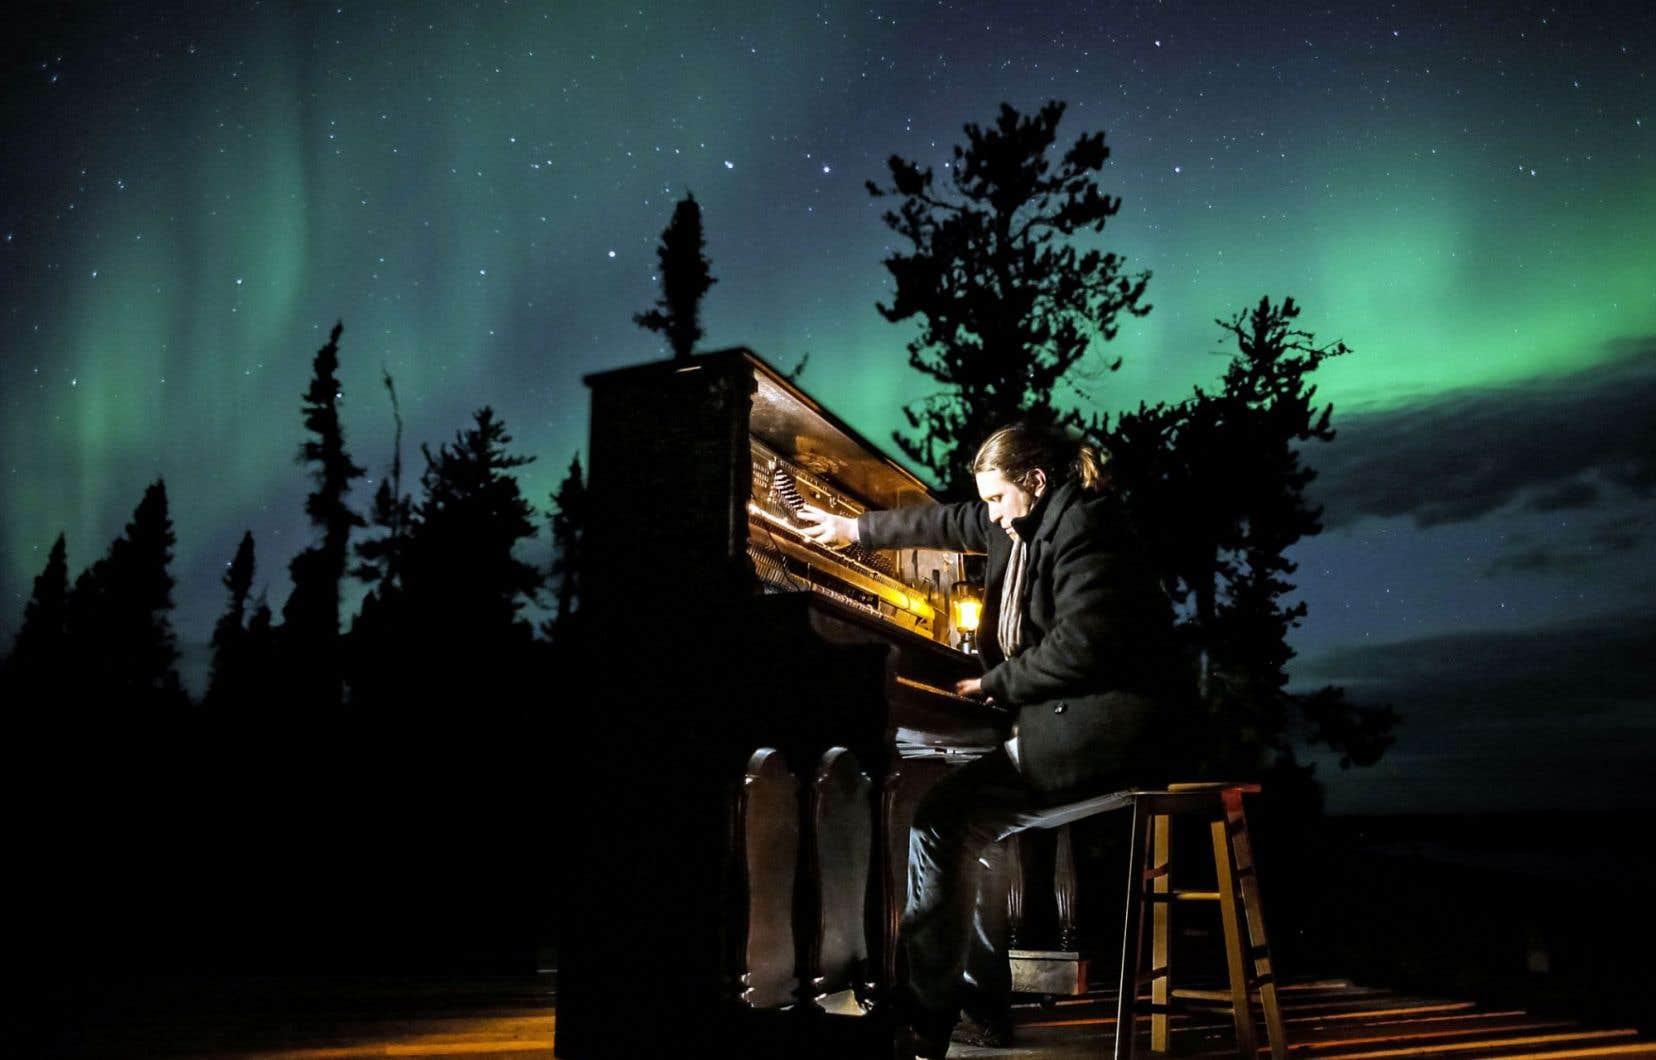 Roman Zavada au piano devant le spectacle fabuleux d'une aurore boréale